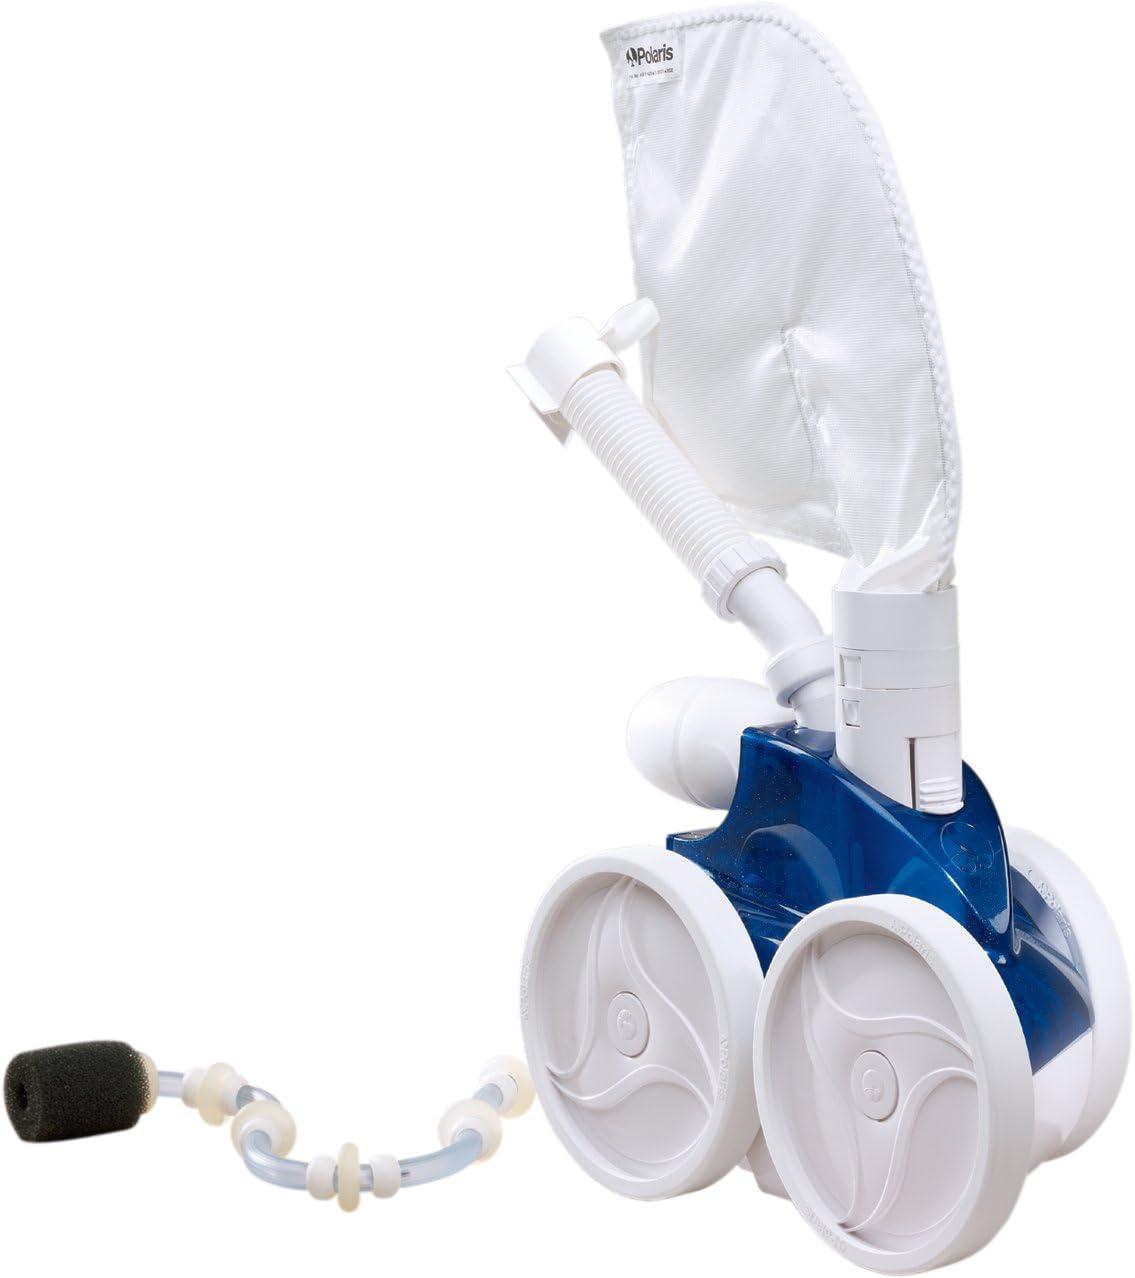 Zodiac F1 Polaris Vac-Sweep 360 Pressure Side Pool Cleaner